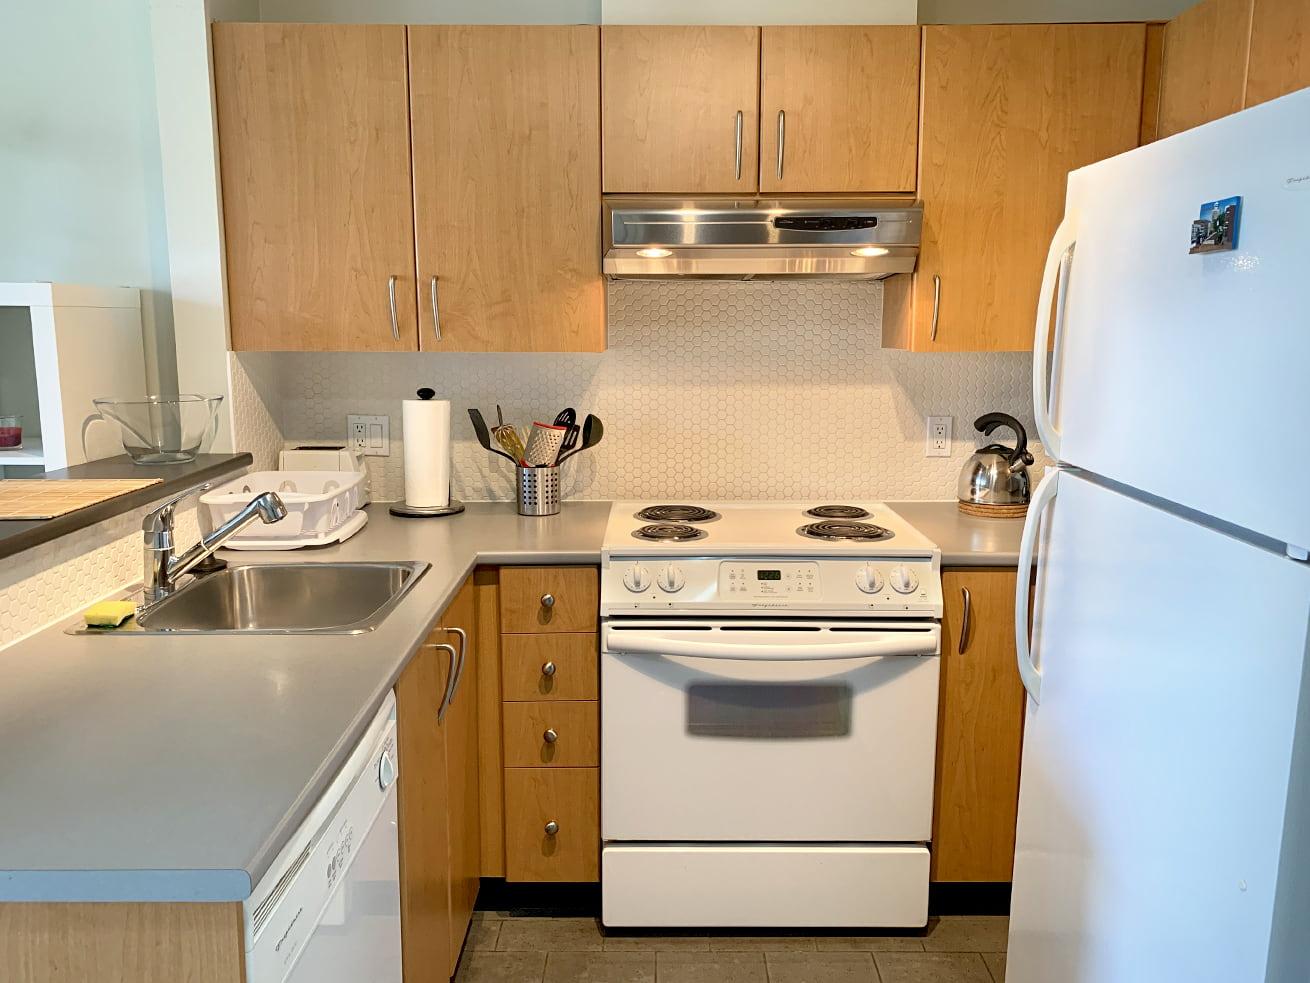 Vancouver condo rentals oscar studio kitchen